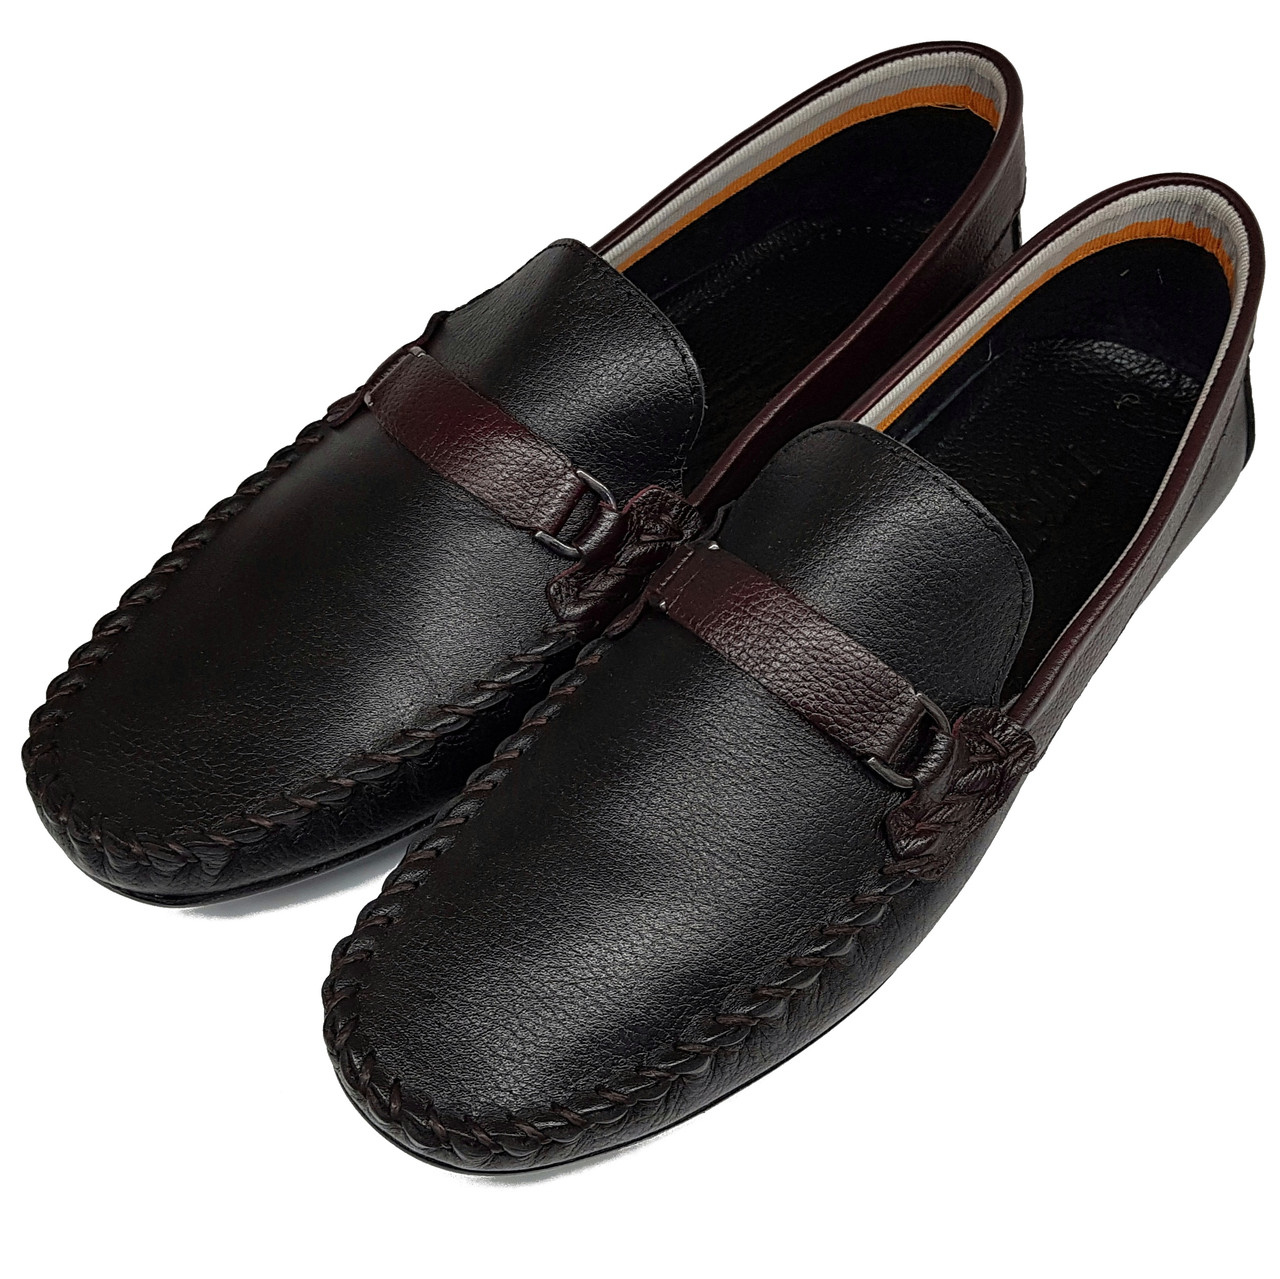 Мужские кожаные мокасины Rifellini черные MT0015/15 24741